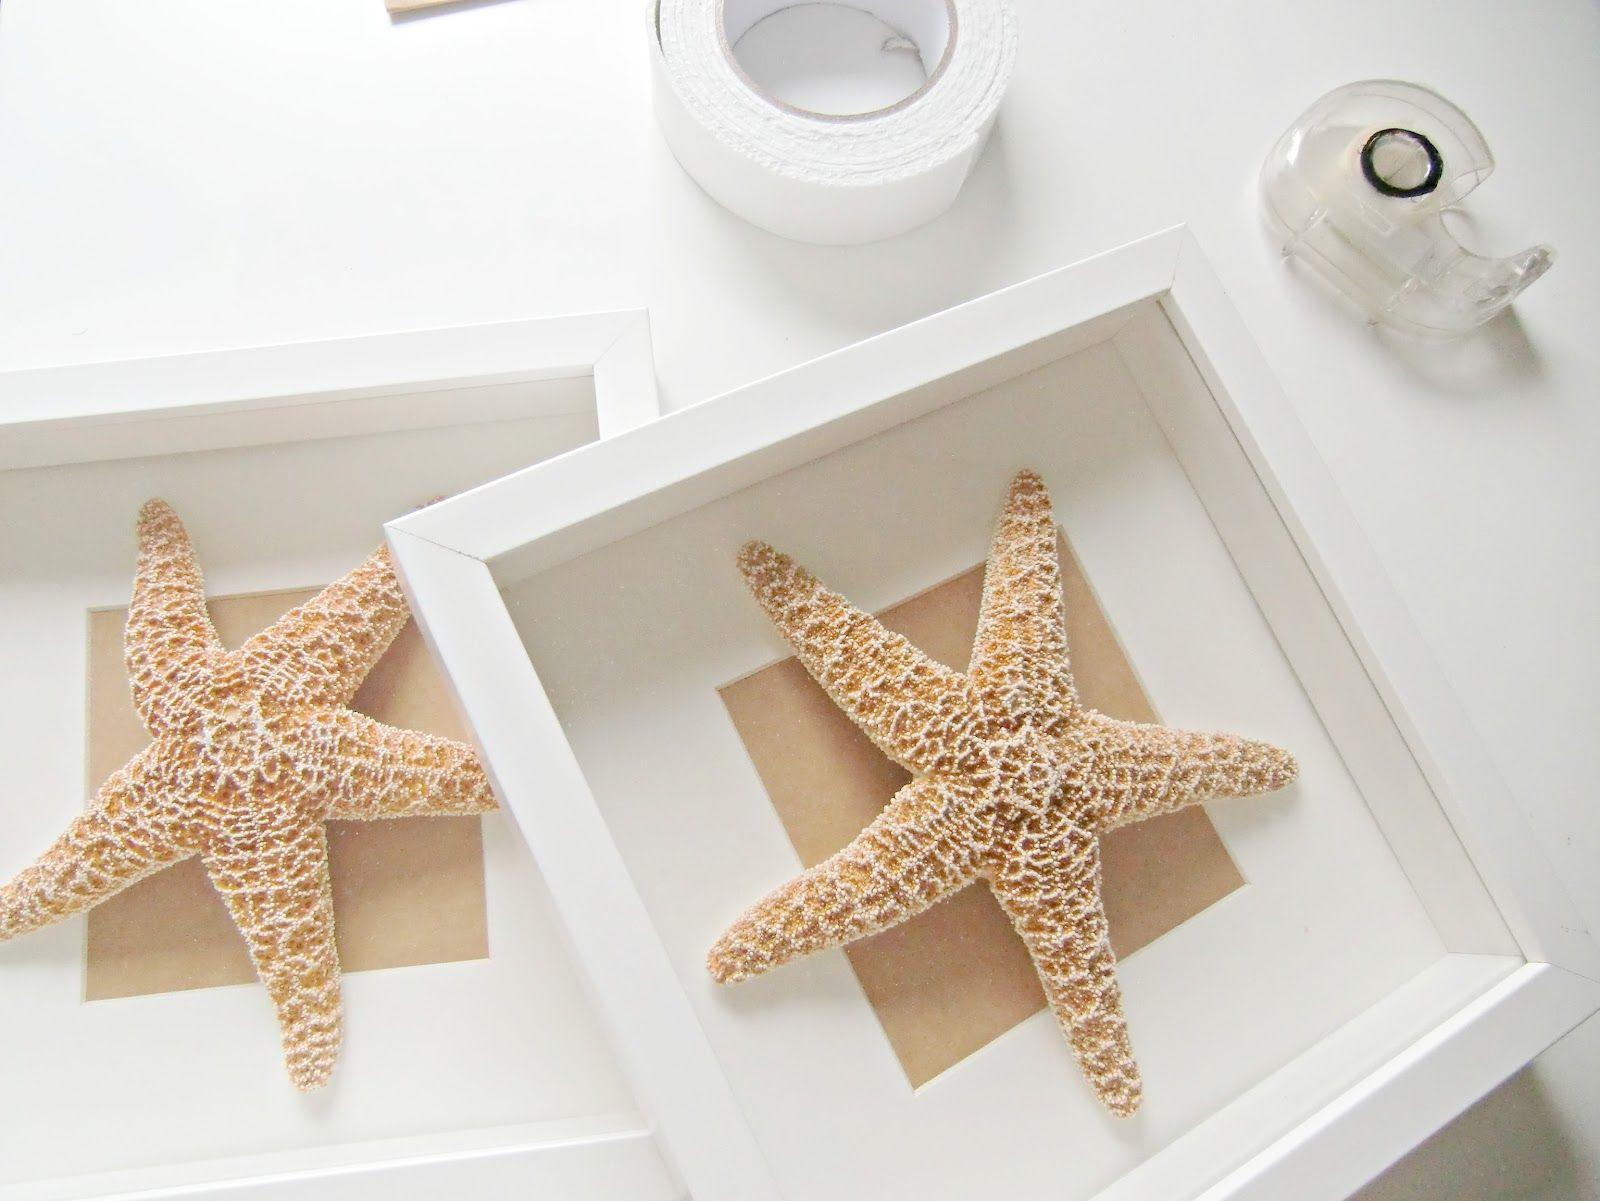 Cuadros con conchas de mar for Cuadros para banos ikea